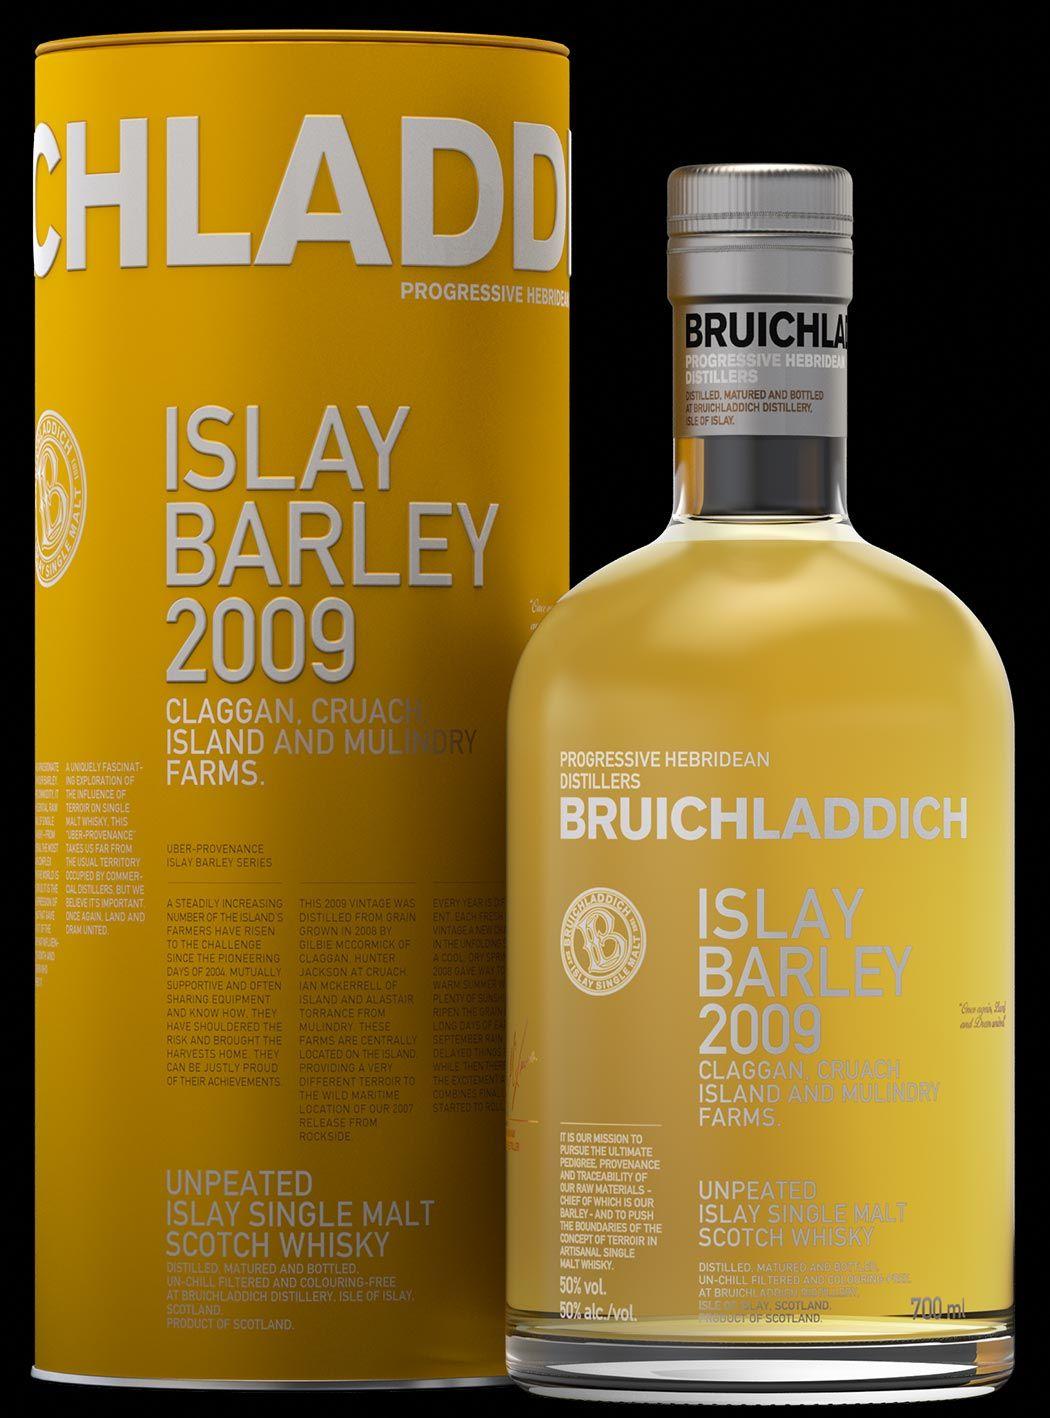 Bruichladdich Islay Barley 2010 Whisky